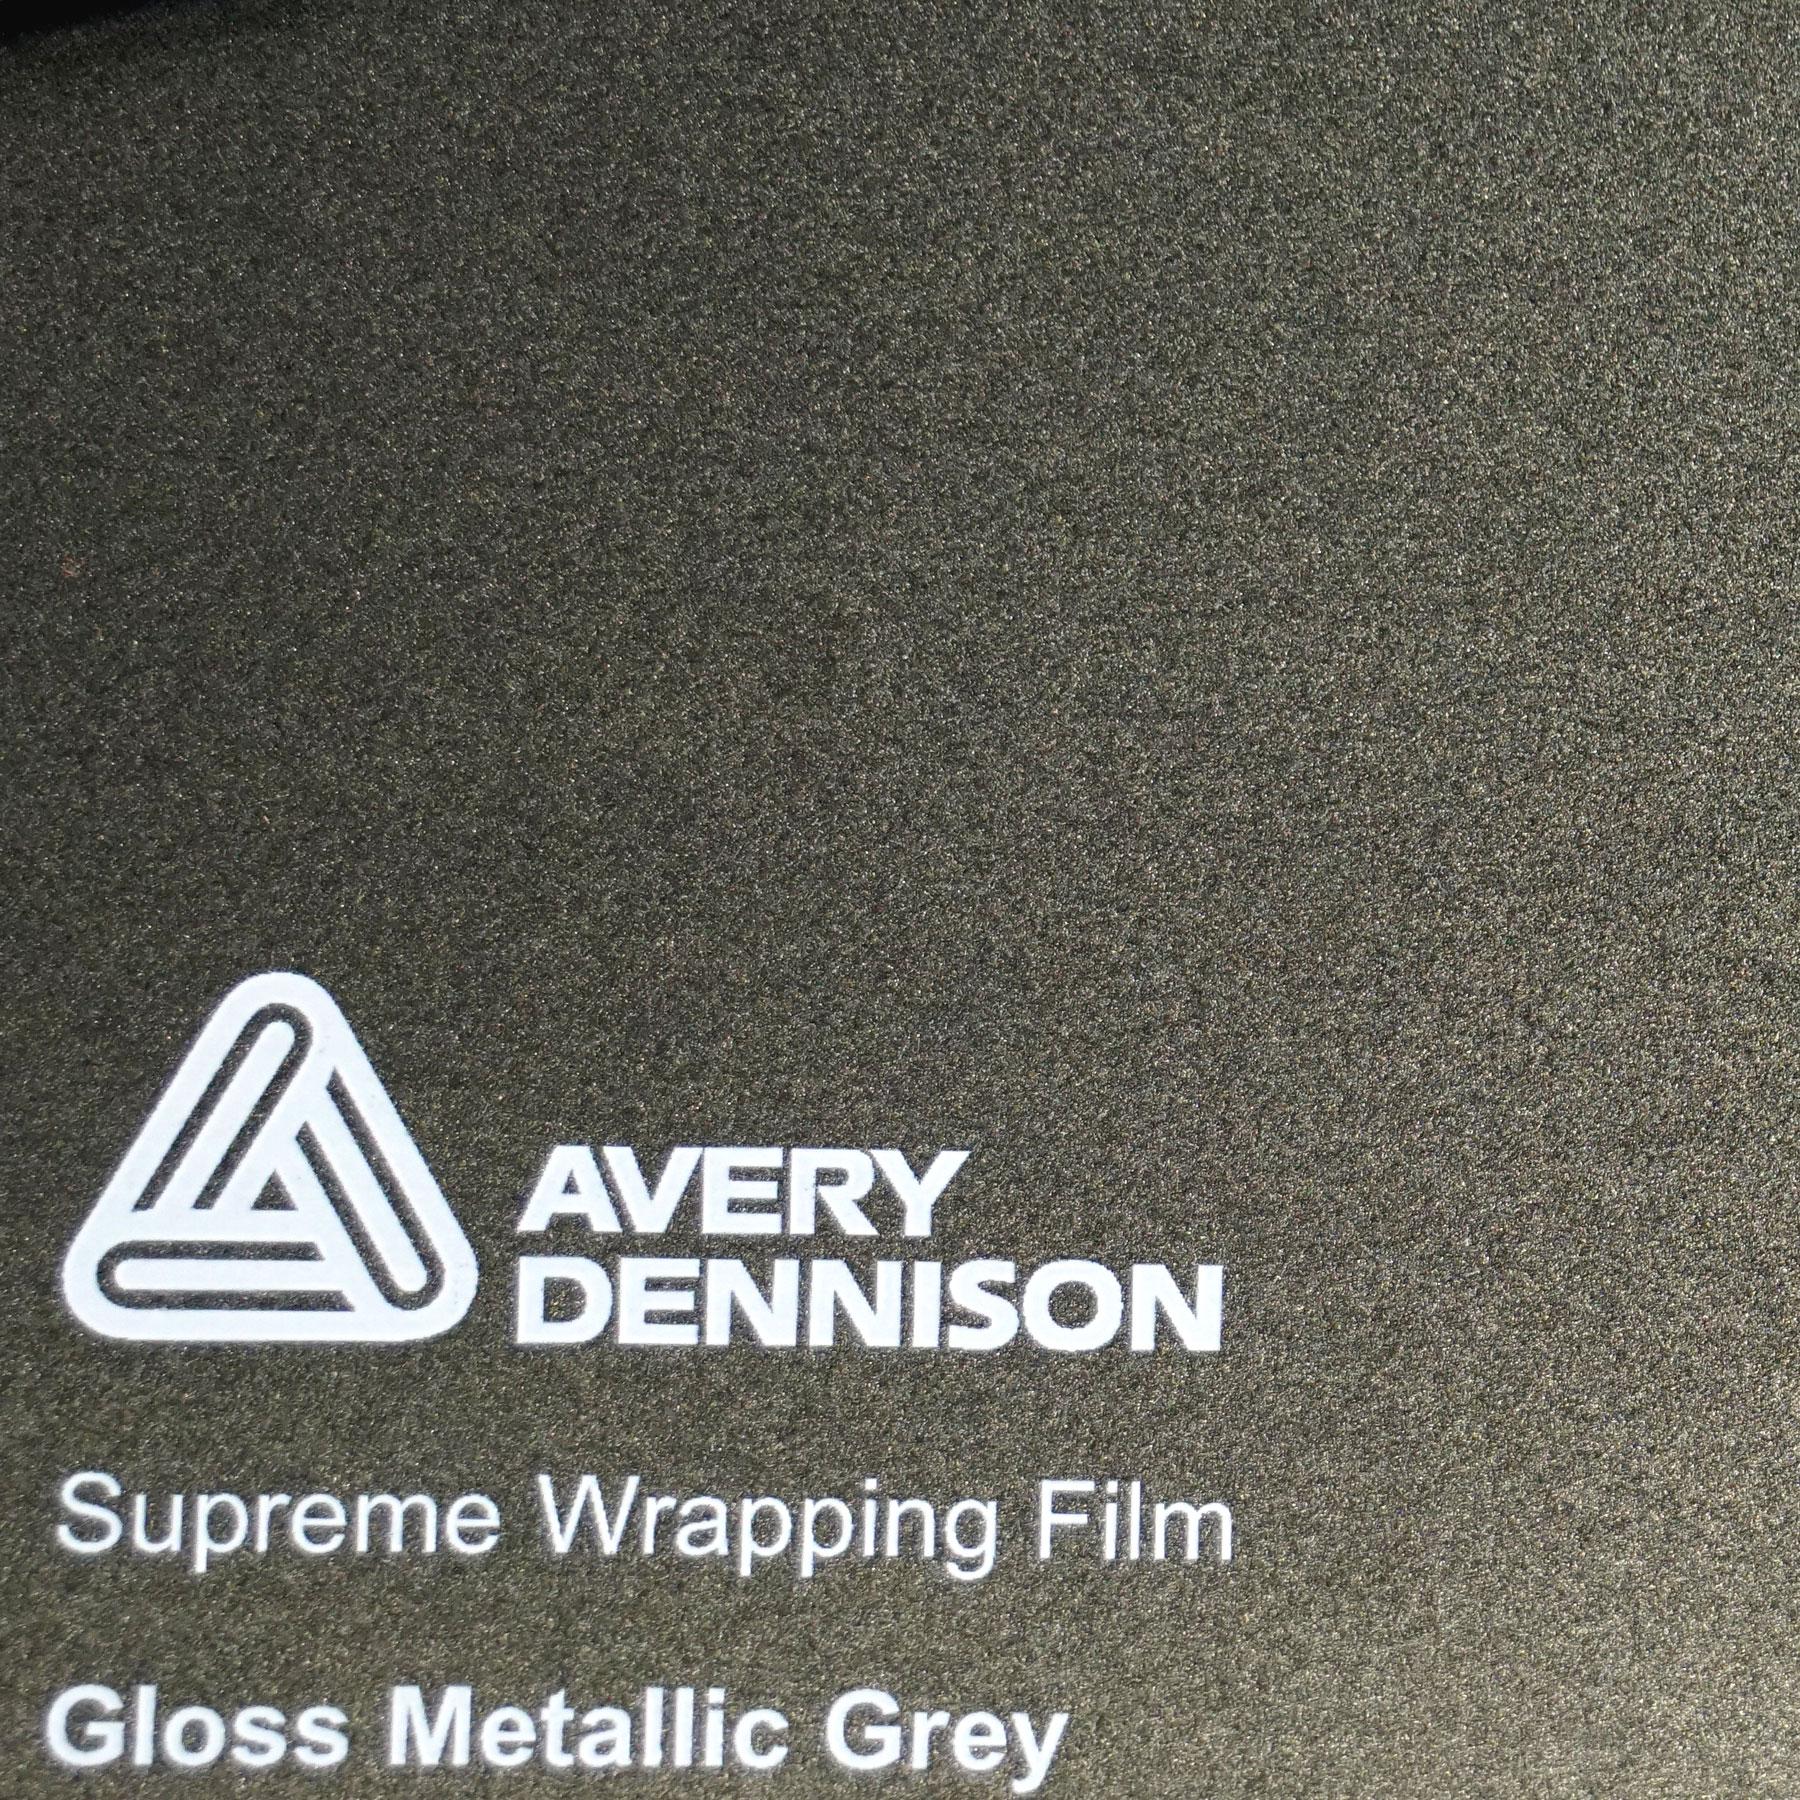 42,50 € // m Avery Supreme Car Wrapping Film Folie schwarz glänzend 1 m